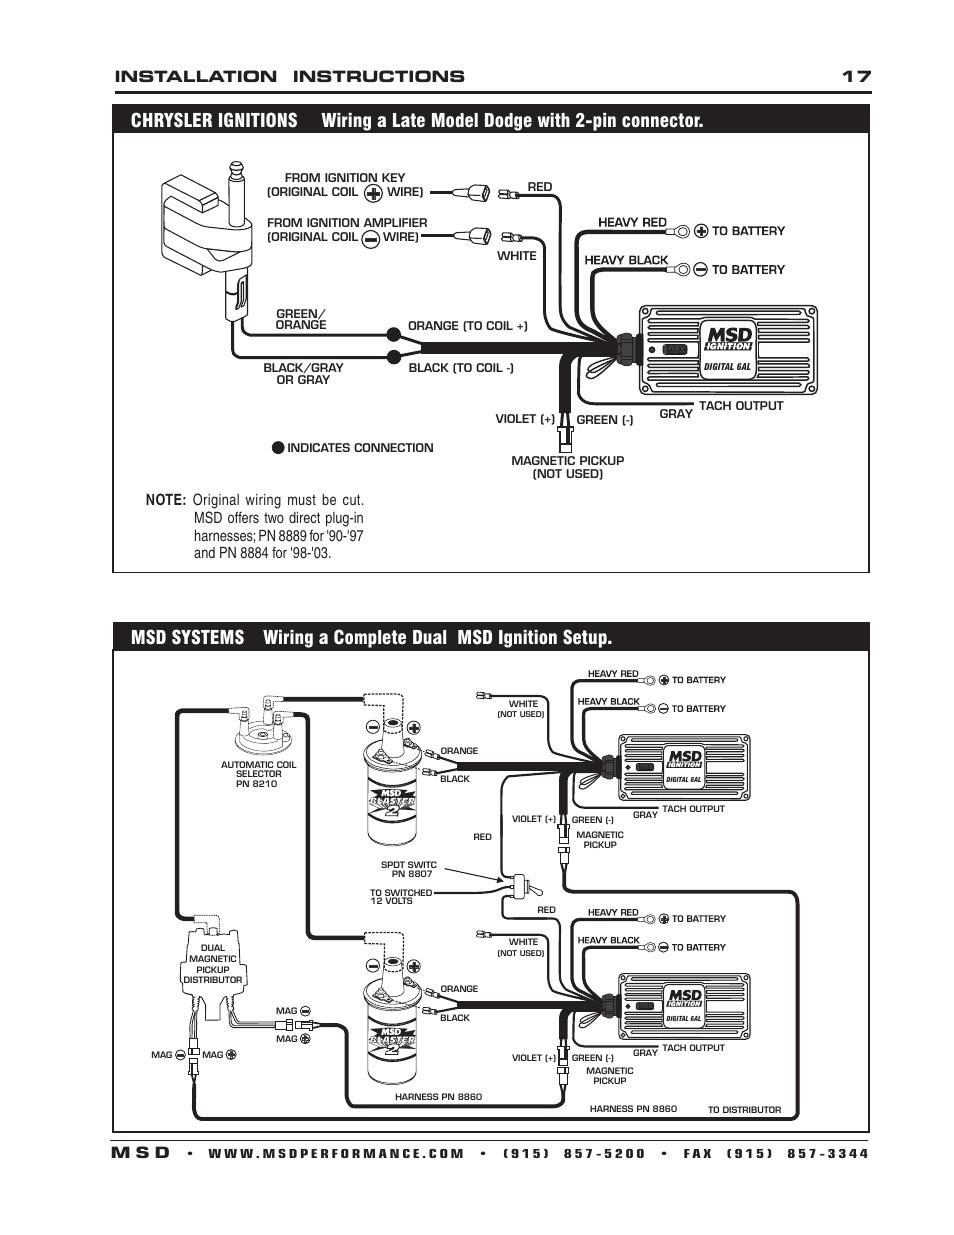 medium resolution of installation instructions 17 m s d msd 6201 digital 6a ignitioninstallation instructions 17 m s d msd 6201 digital 6a